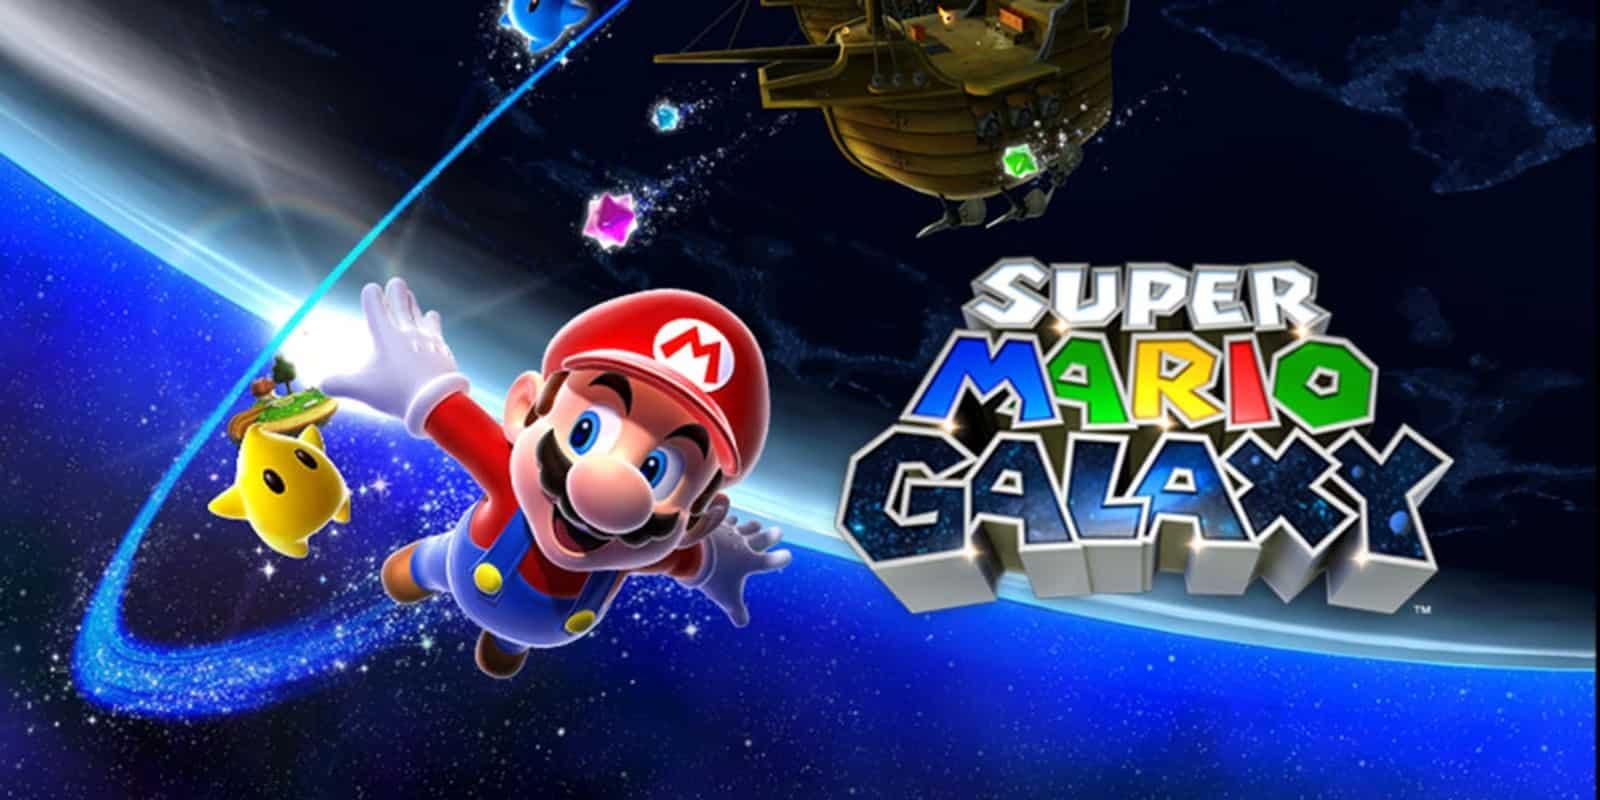 Nintendo celebra 35 años y anuncia varios juegos de Mario para Switch